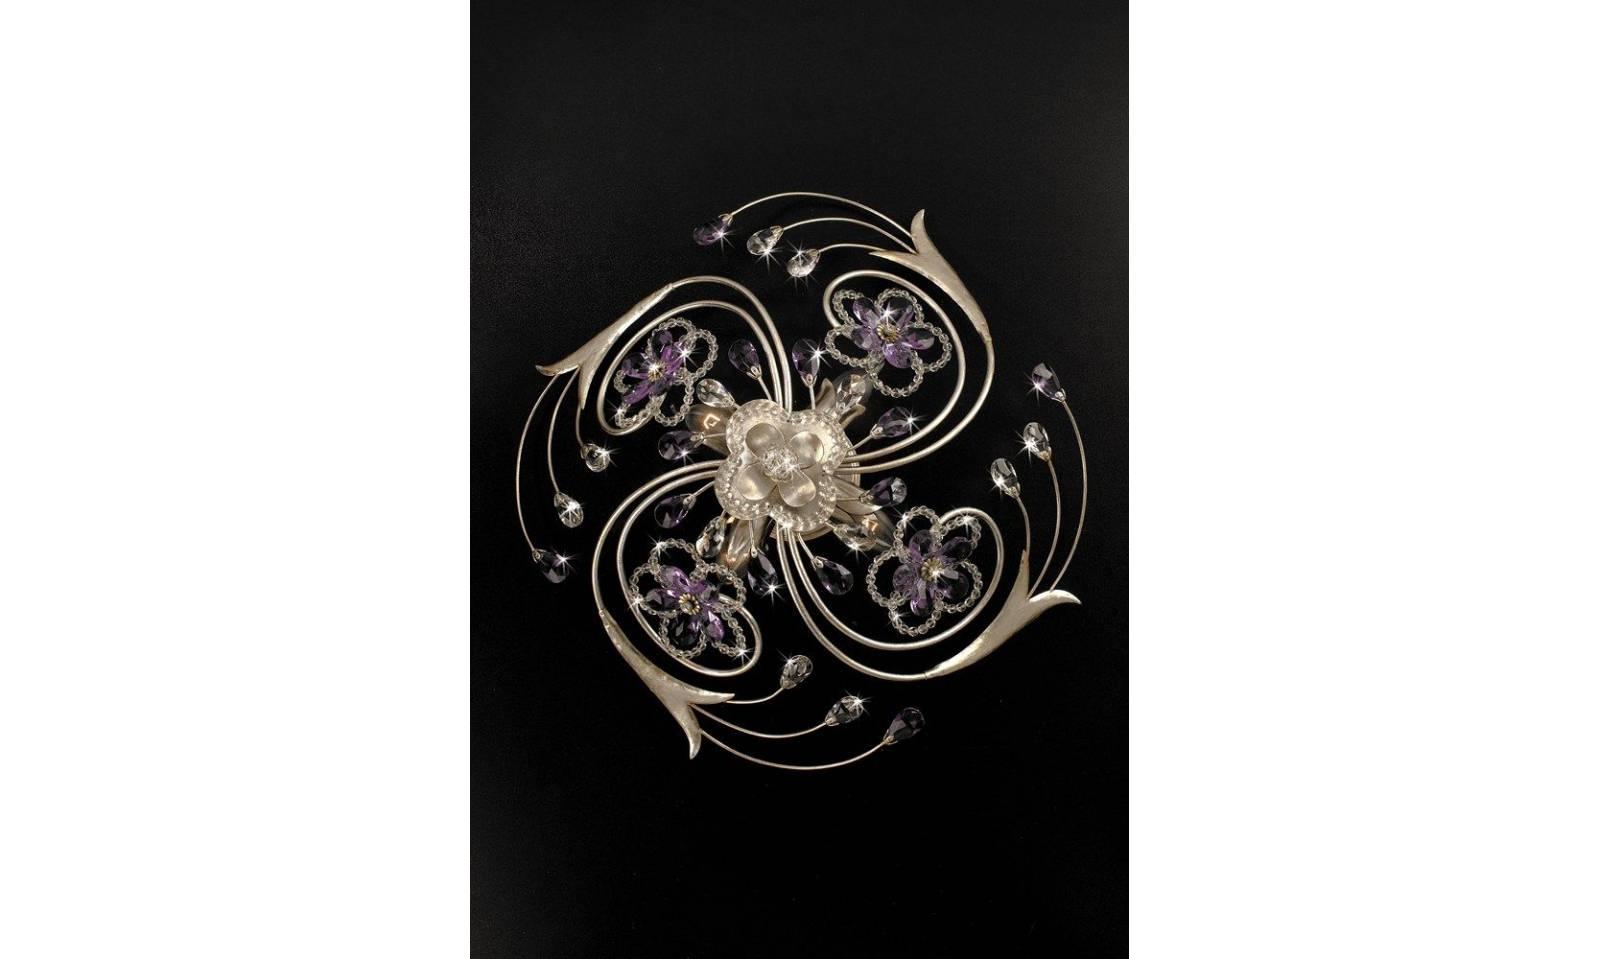 Plafoniera Fiori Lilla : Grazioso illuminazione plafoniera 4 luci diametro 50cm foglia argento